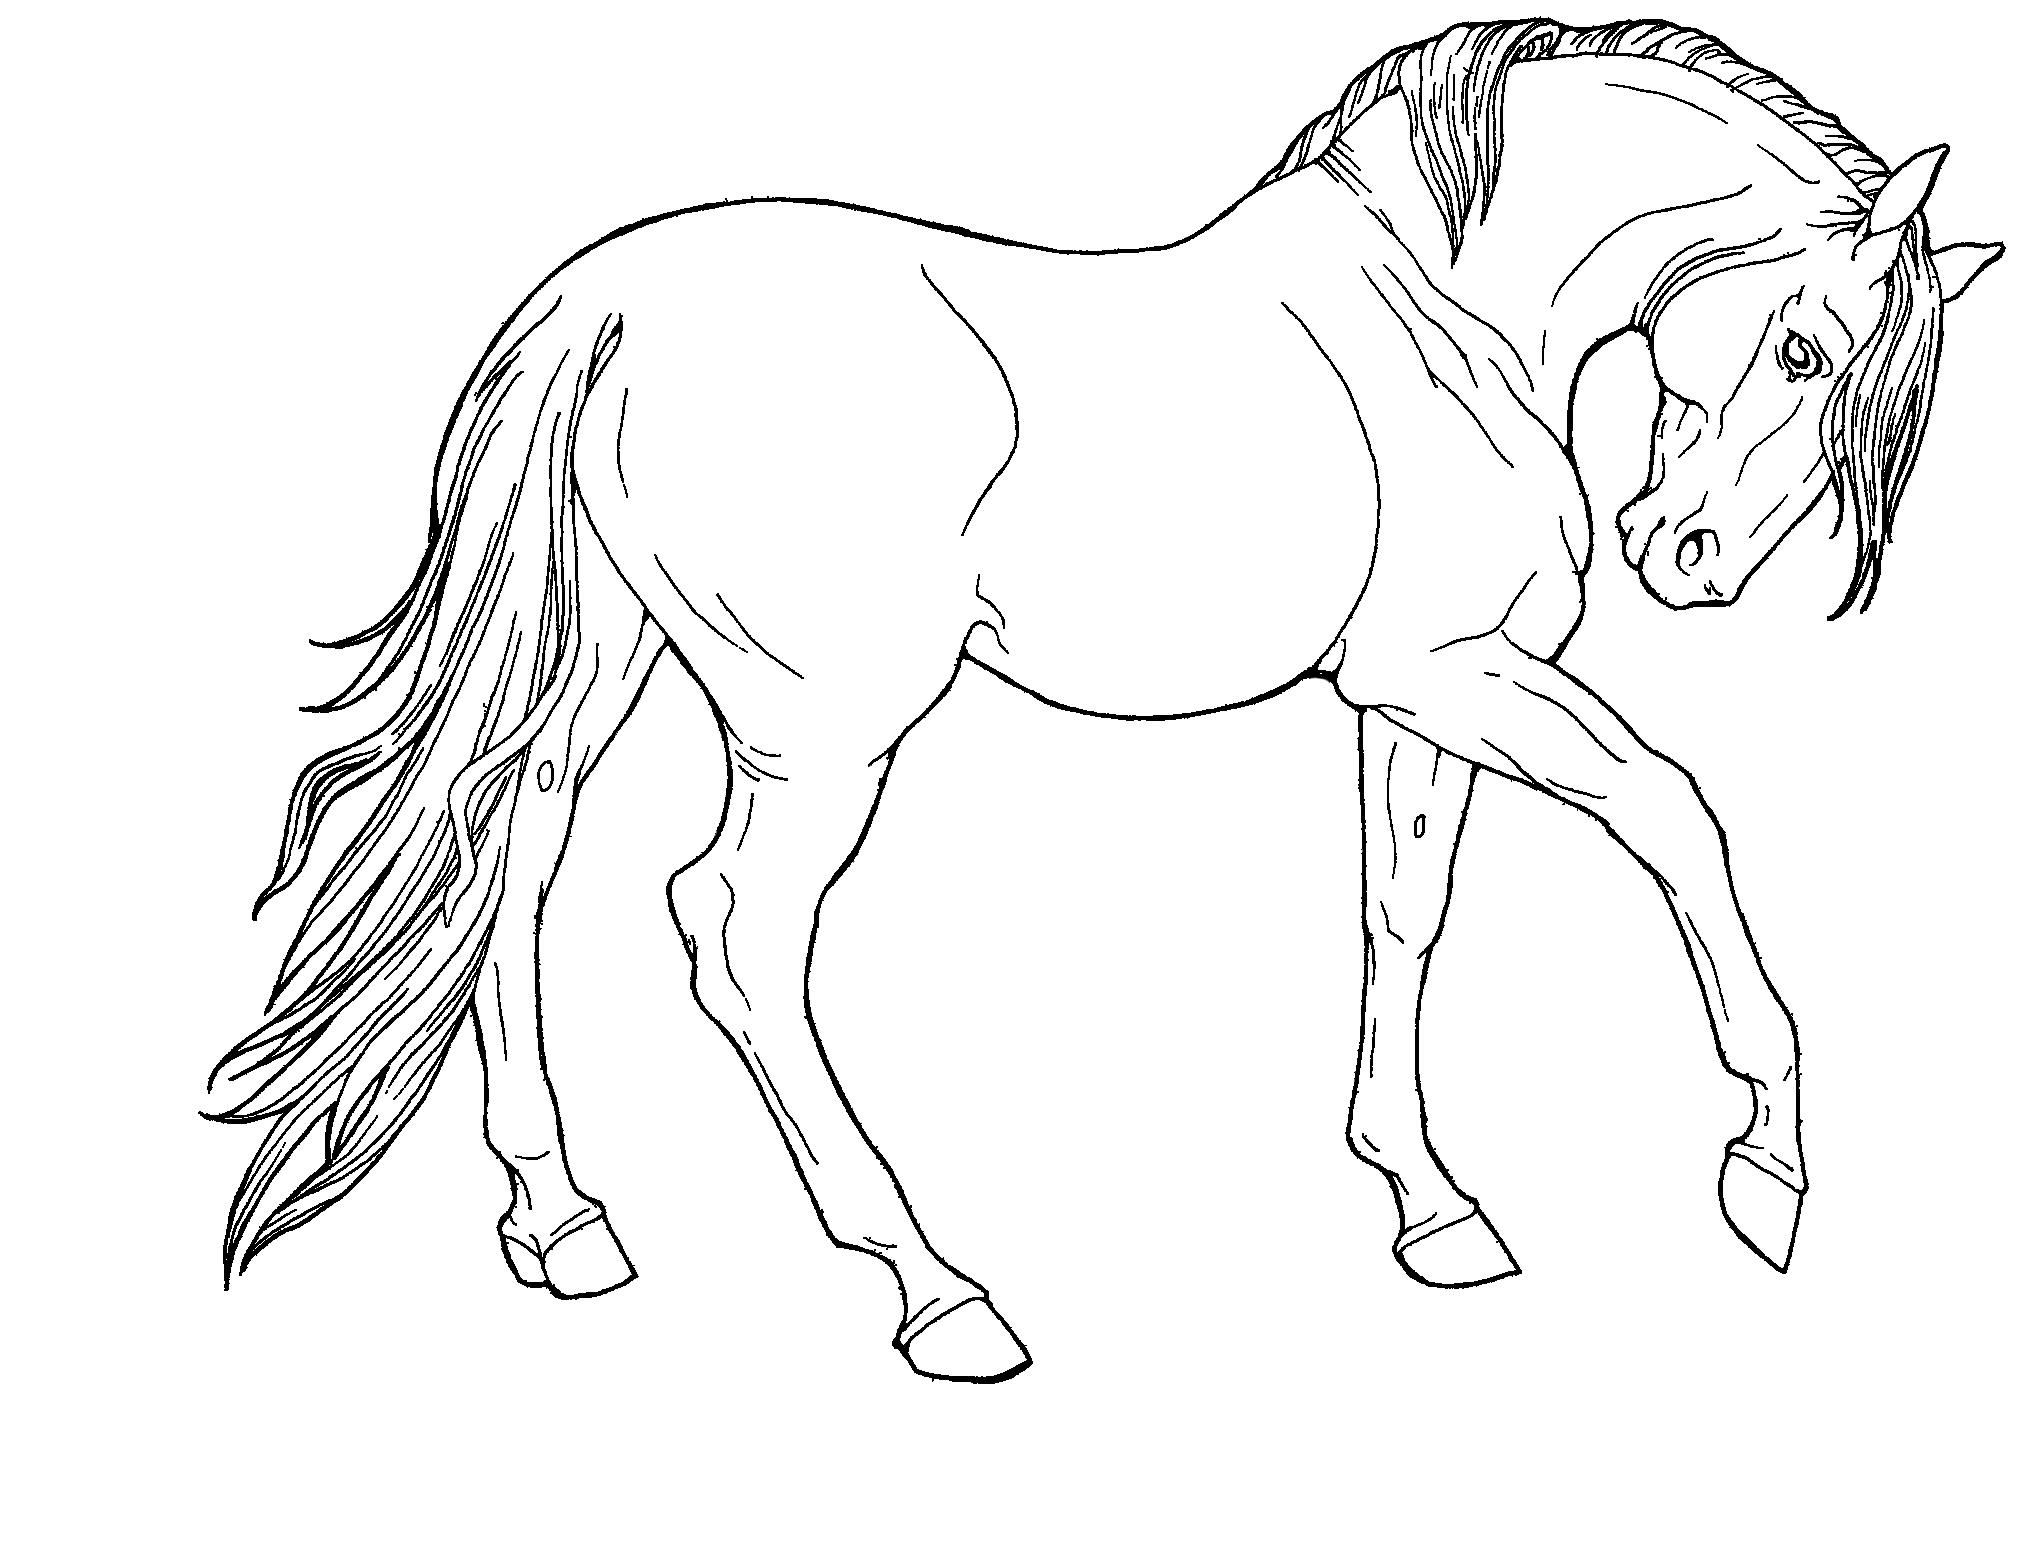 2024x1563 Sketch Of Wild Animals Sketches Of Wild Animals Wild Animals